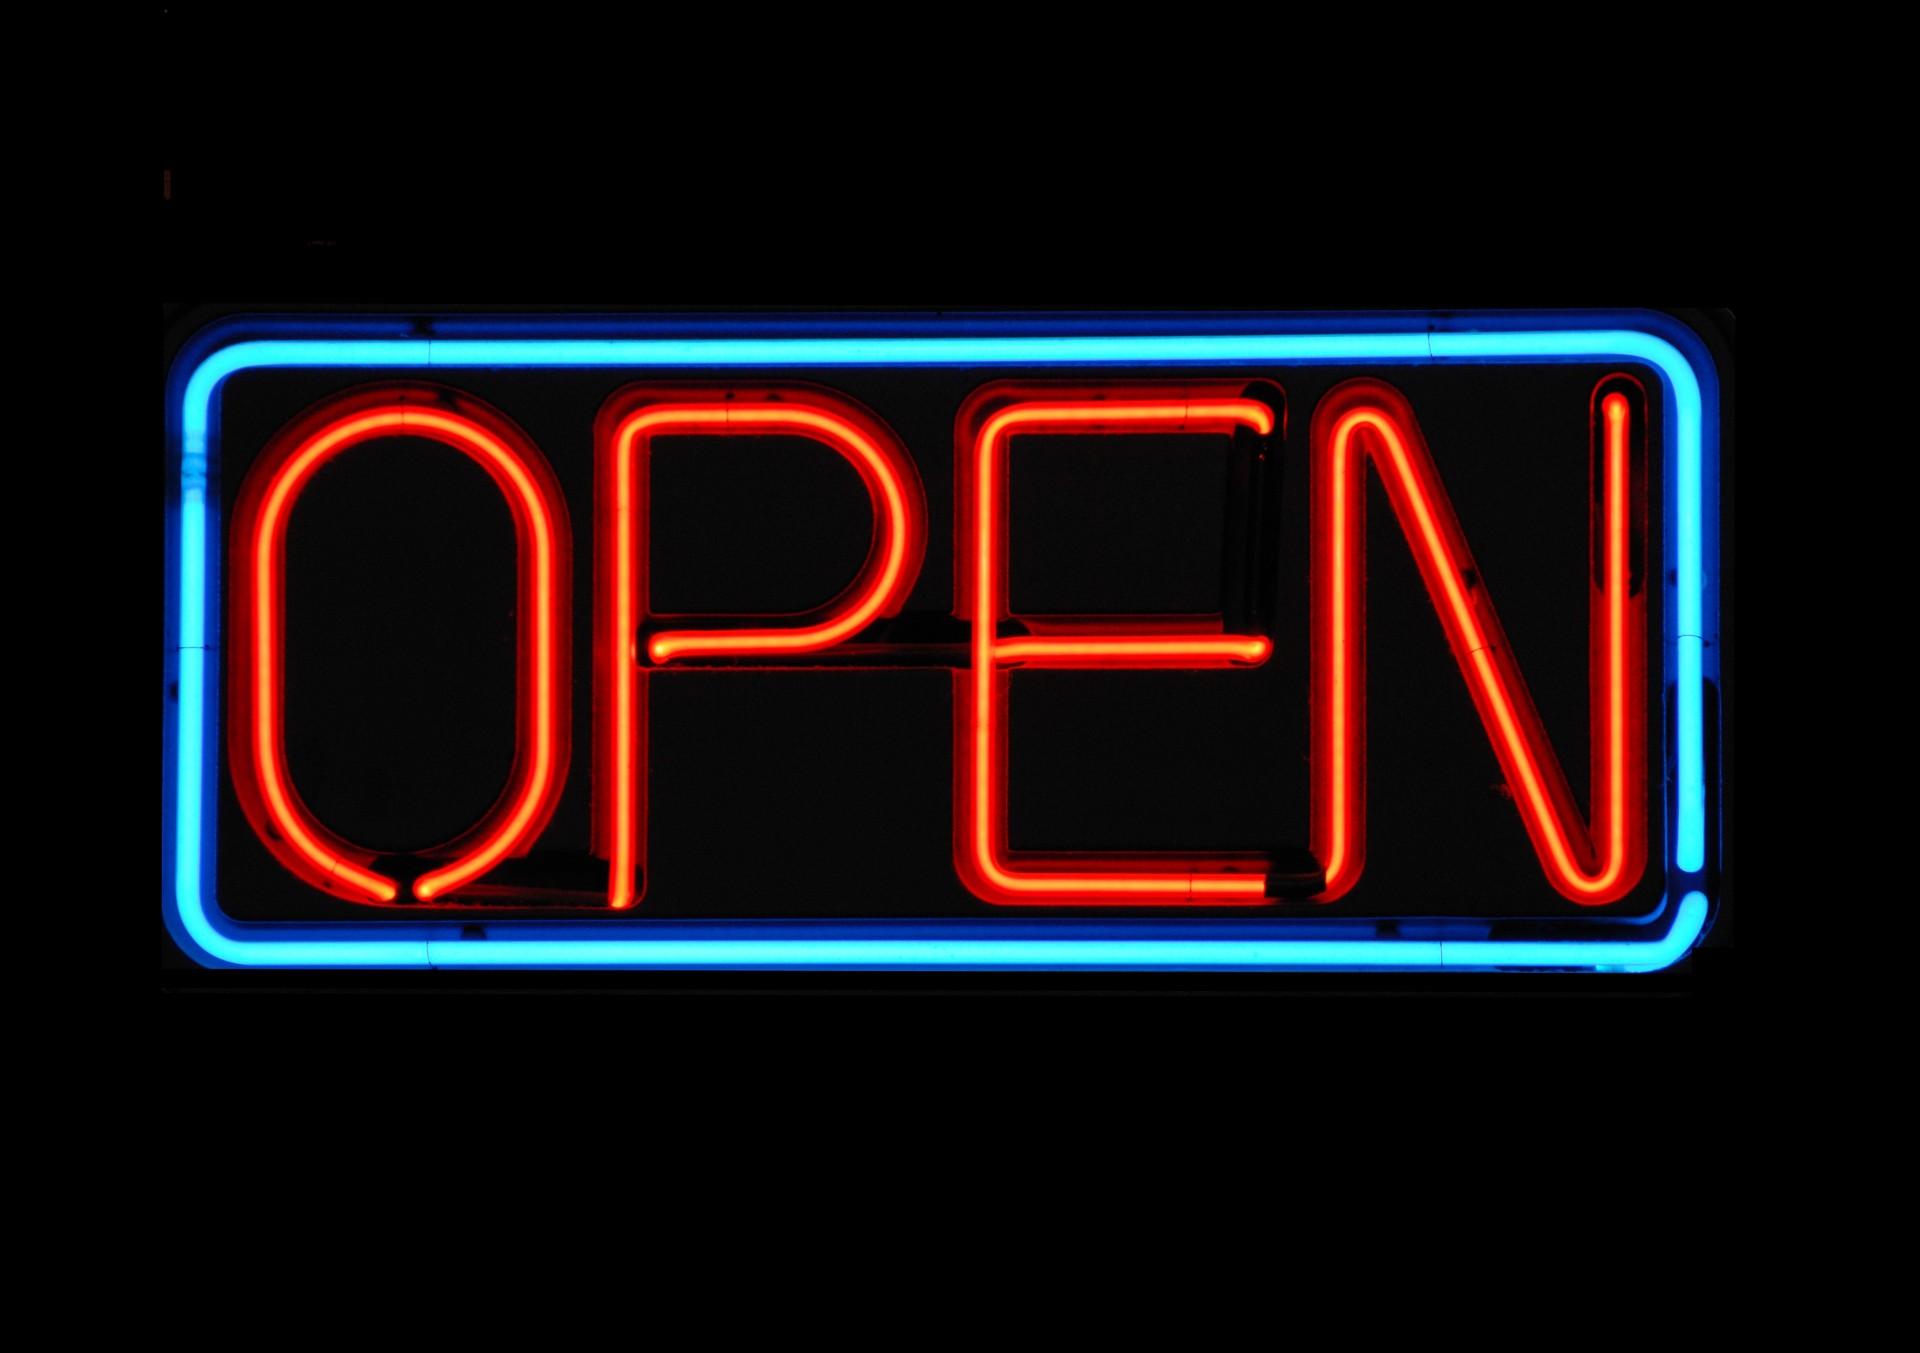 neon-open-sign-1404389631jnS